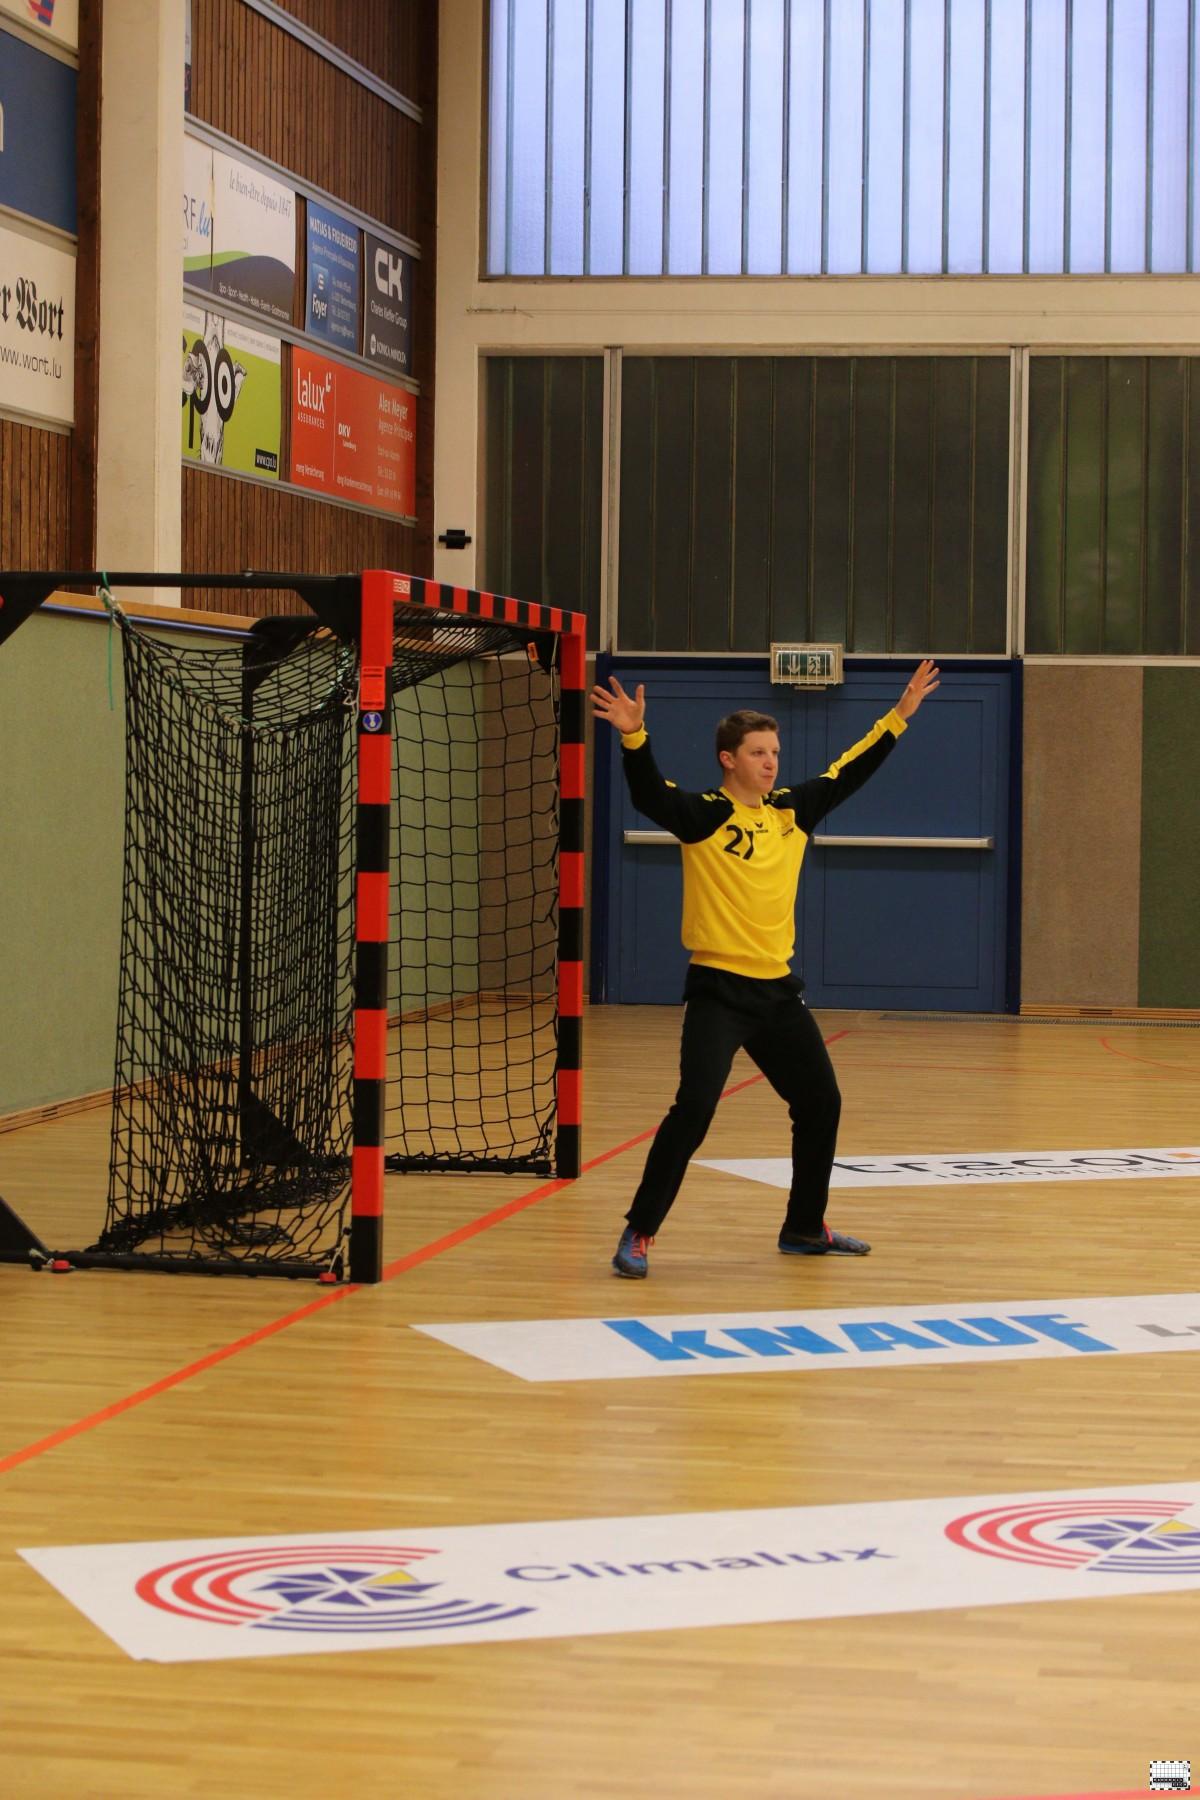 03.10.2020 H2 : Handball Esch 34 - 34 Hb Museldall